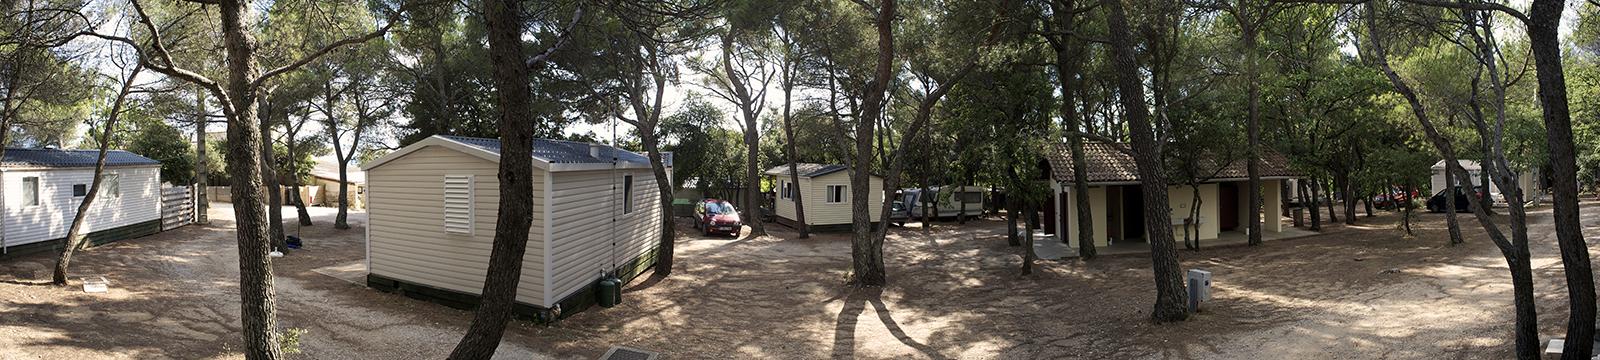 camping-pano1